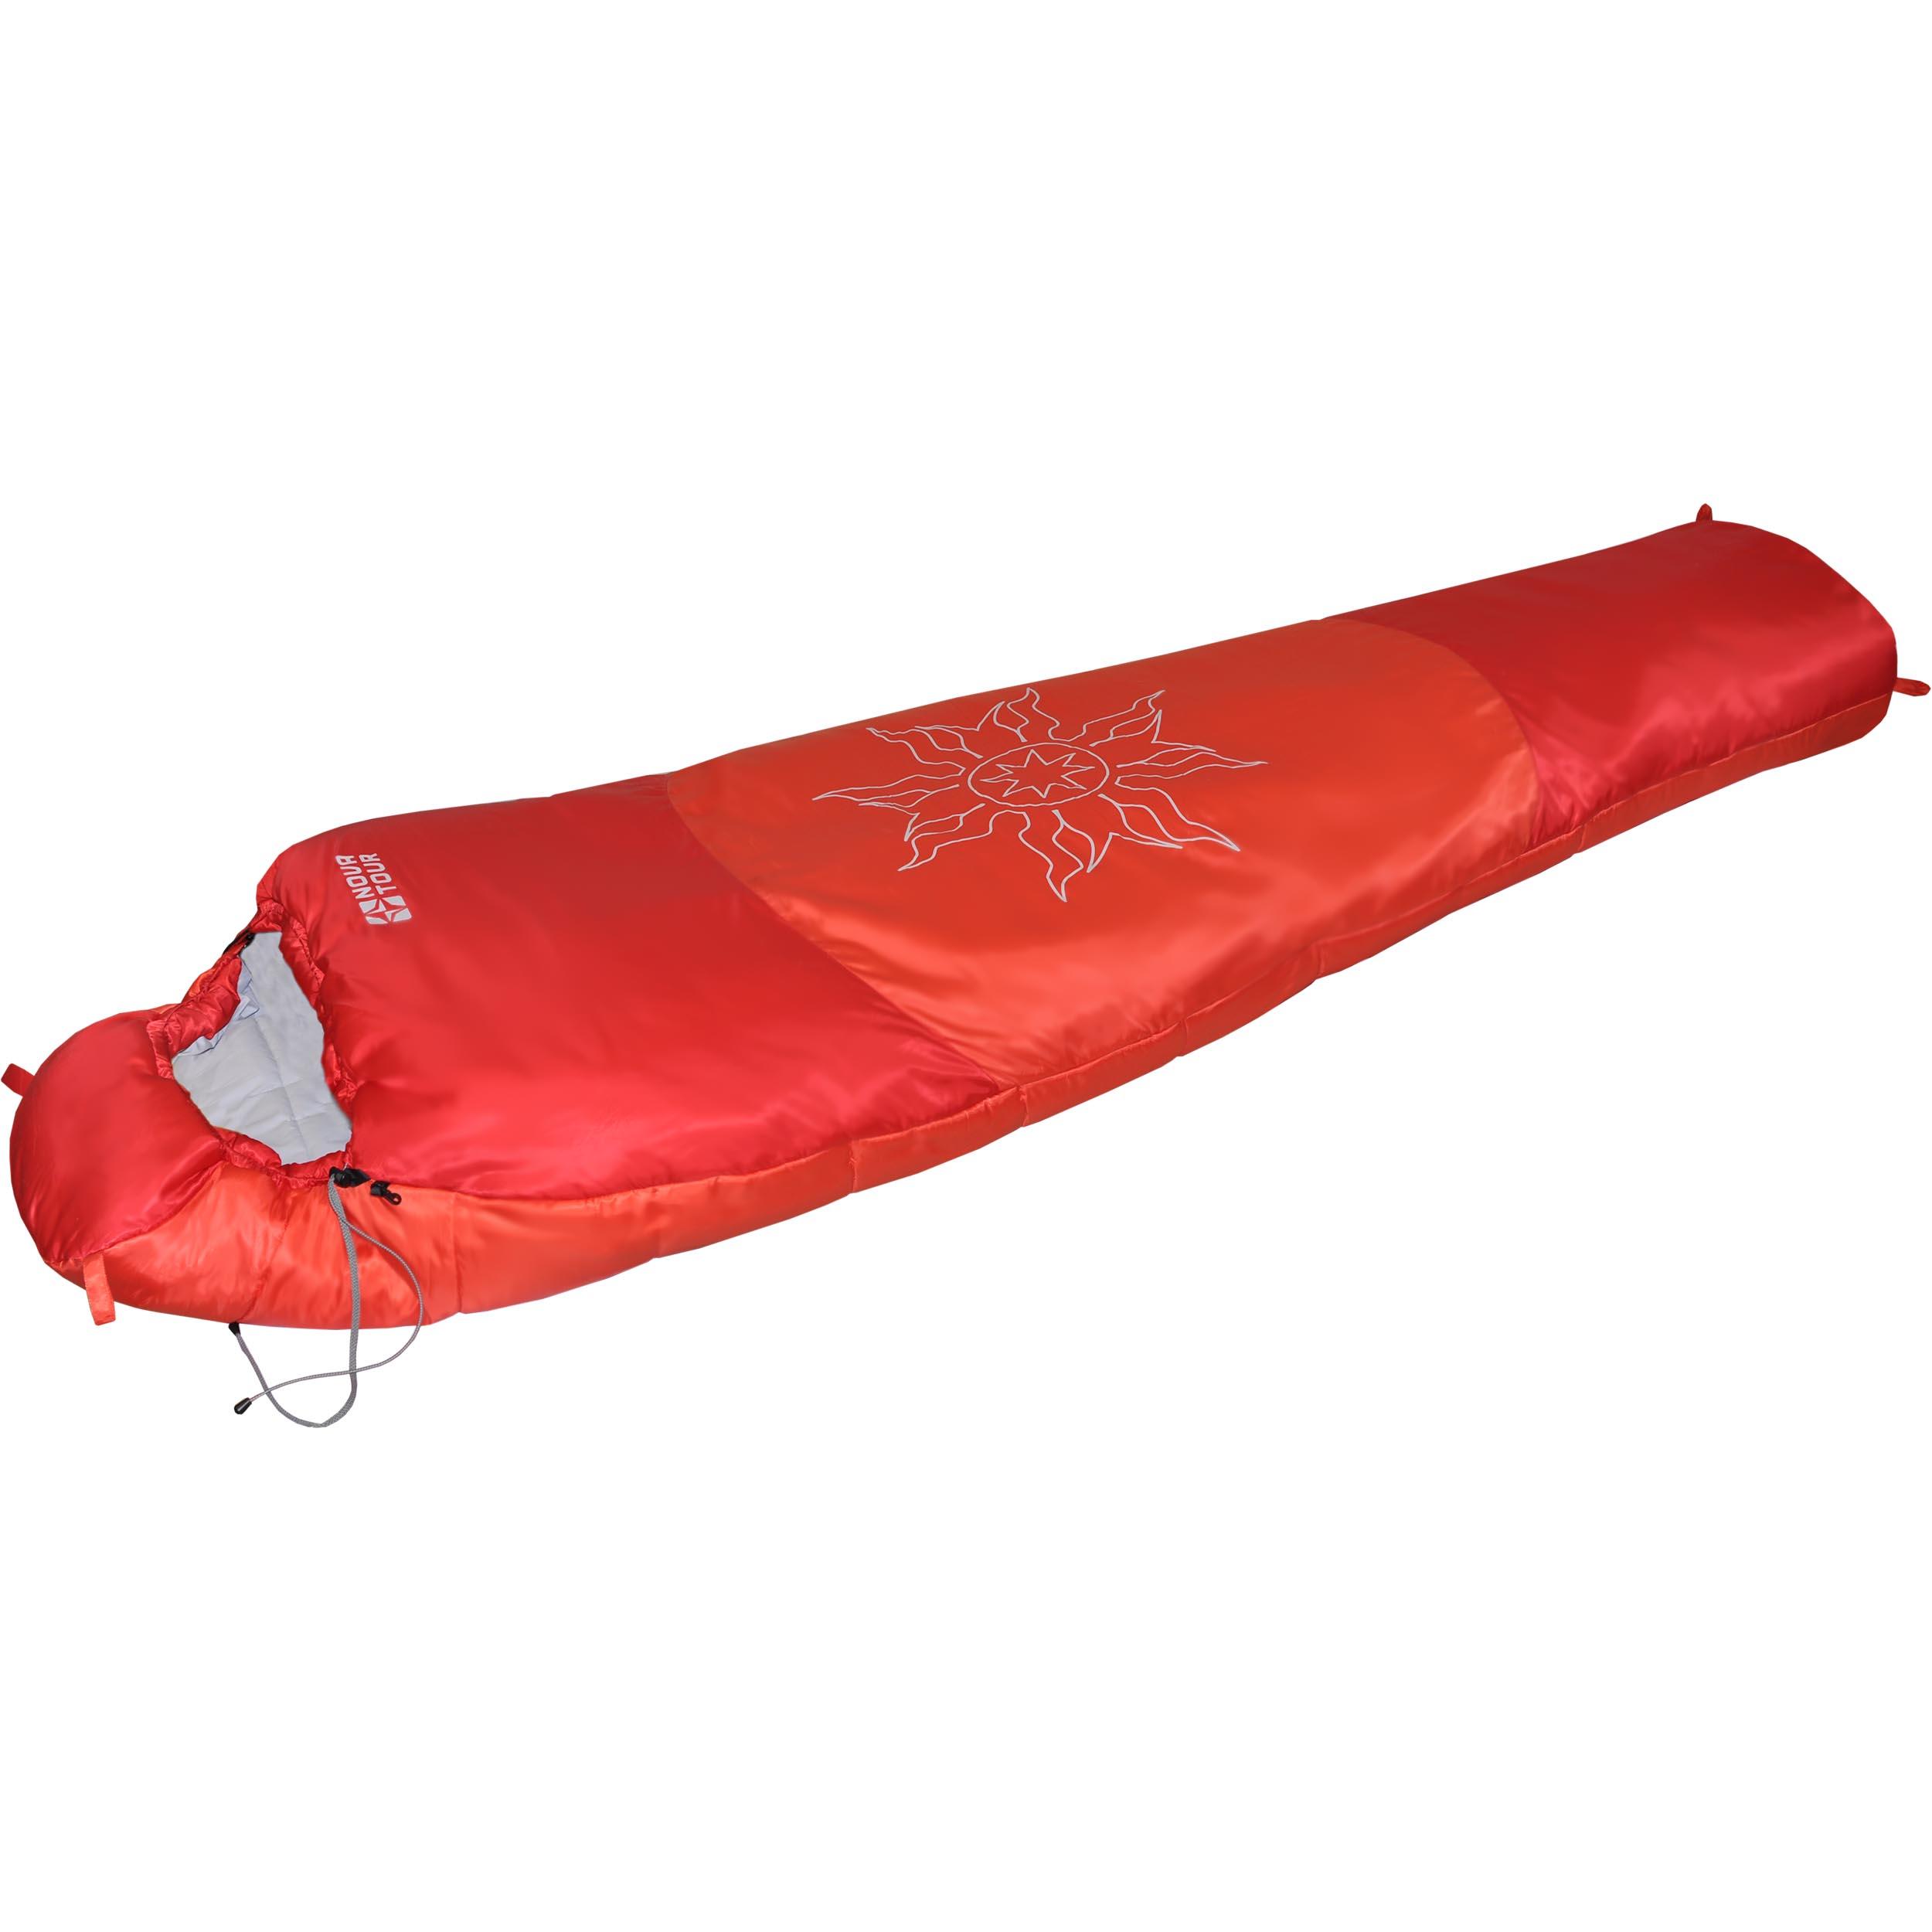 Спальный мешок Nova Tour Ямал -30 XL V2, цвет: красный, правосторонняя молния95420-001-RightСпальный мешок конструкции - кокон и синтетическим наполнителем для использования при очень низких температурах. Утягивающийся капюшон, шейный воротник - сохраняют тепло. Двухзамковая молния позволяет состегнуть два спальных мешка левого и правого исполнения в один двойной. Компрессионный мешок в комплекте.